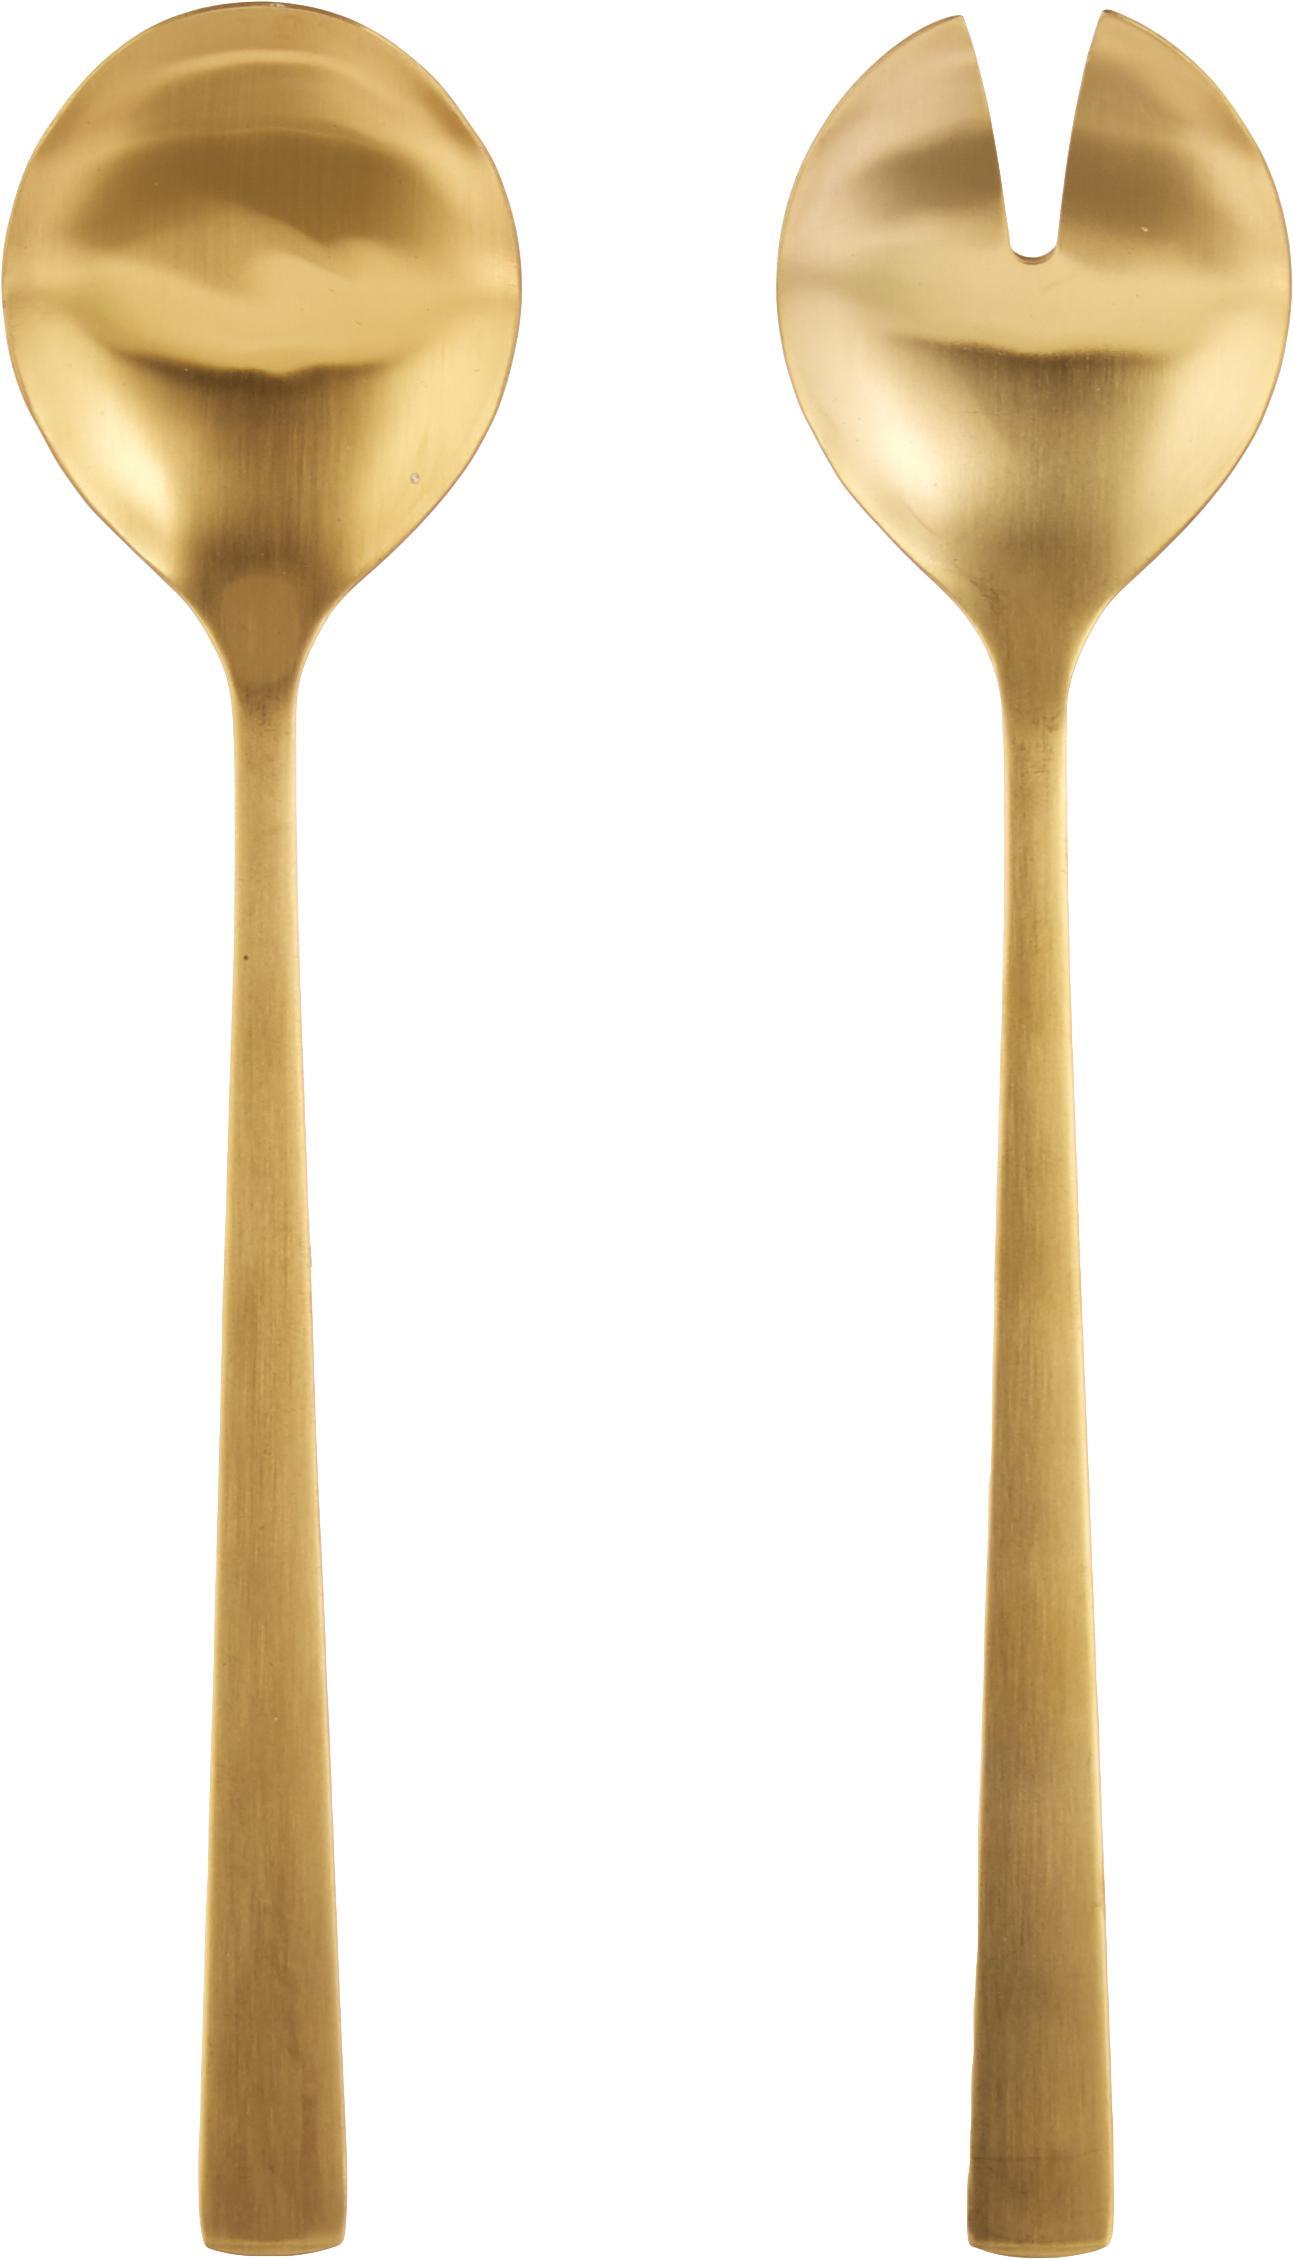 Komplet sztućców do sałatek Snagg, 2 elem., Stal nierdzewna, powlekana, Odcienie mosiądzu, D 24 cm